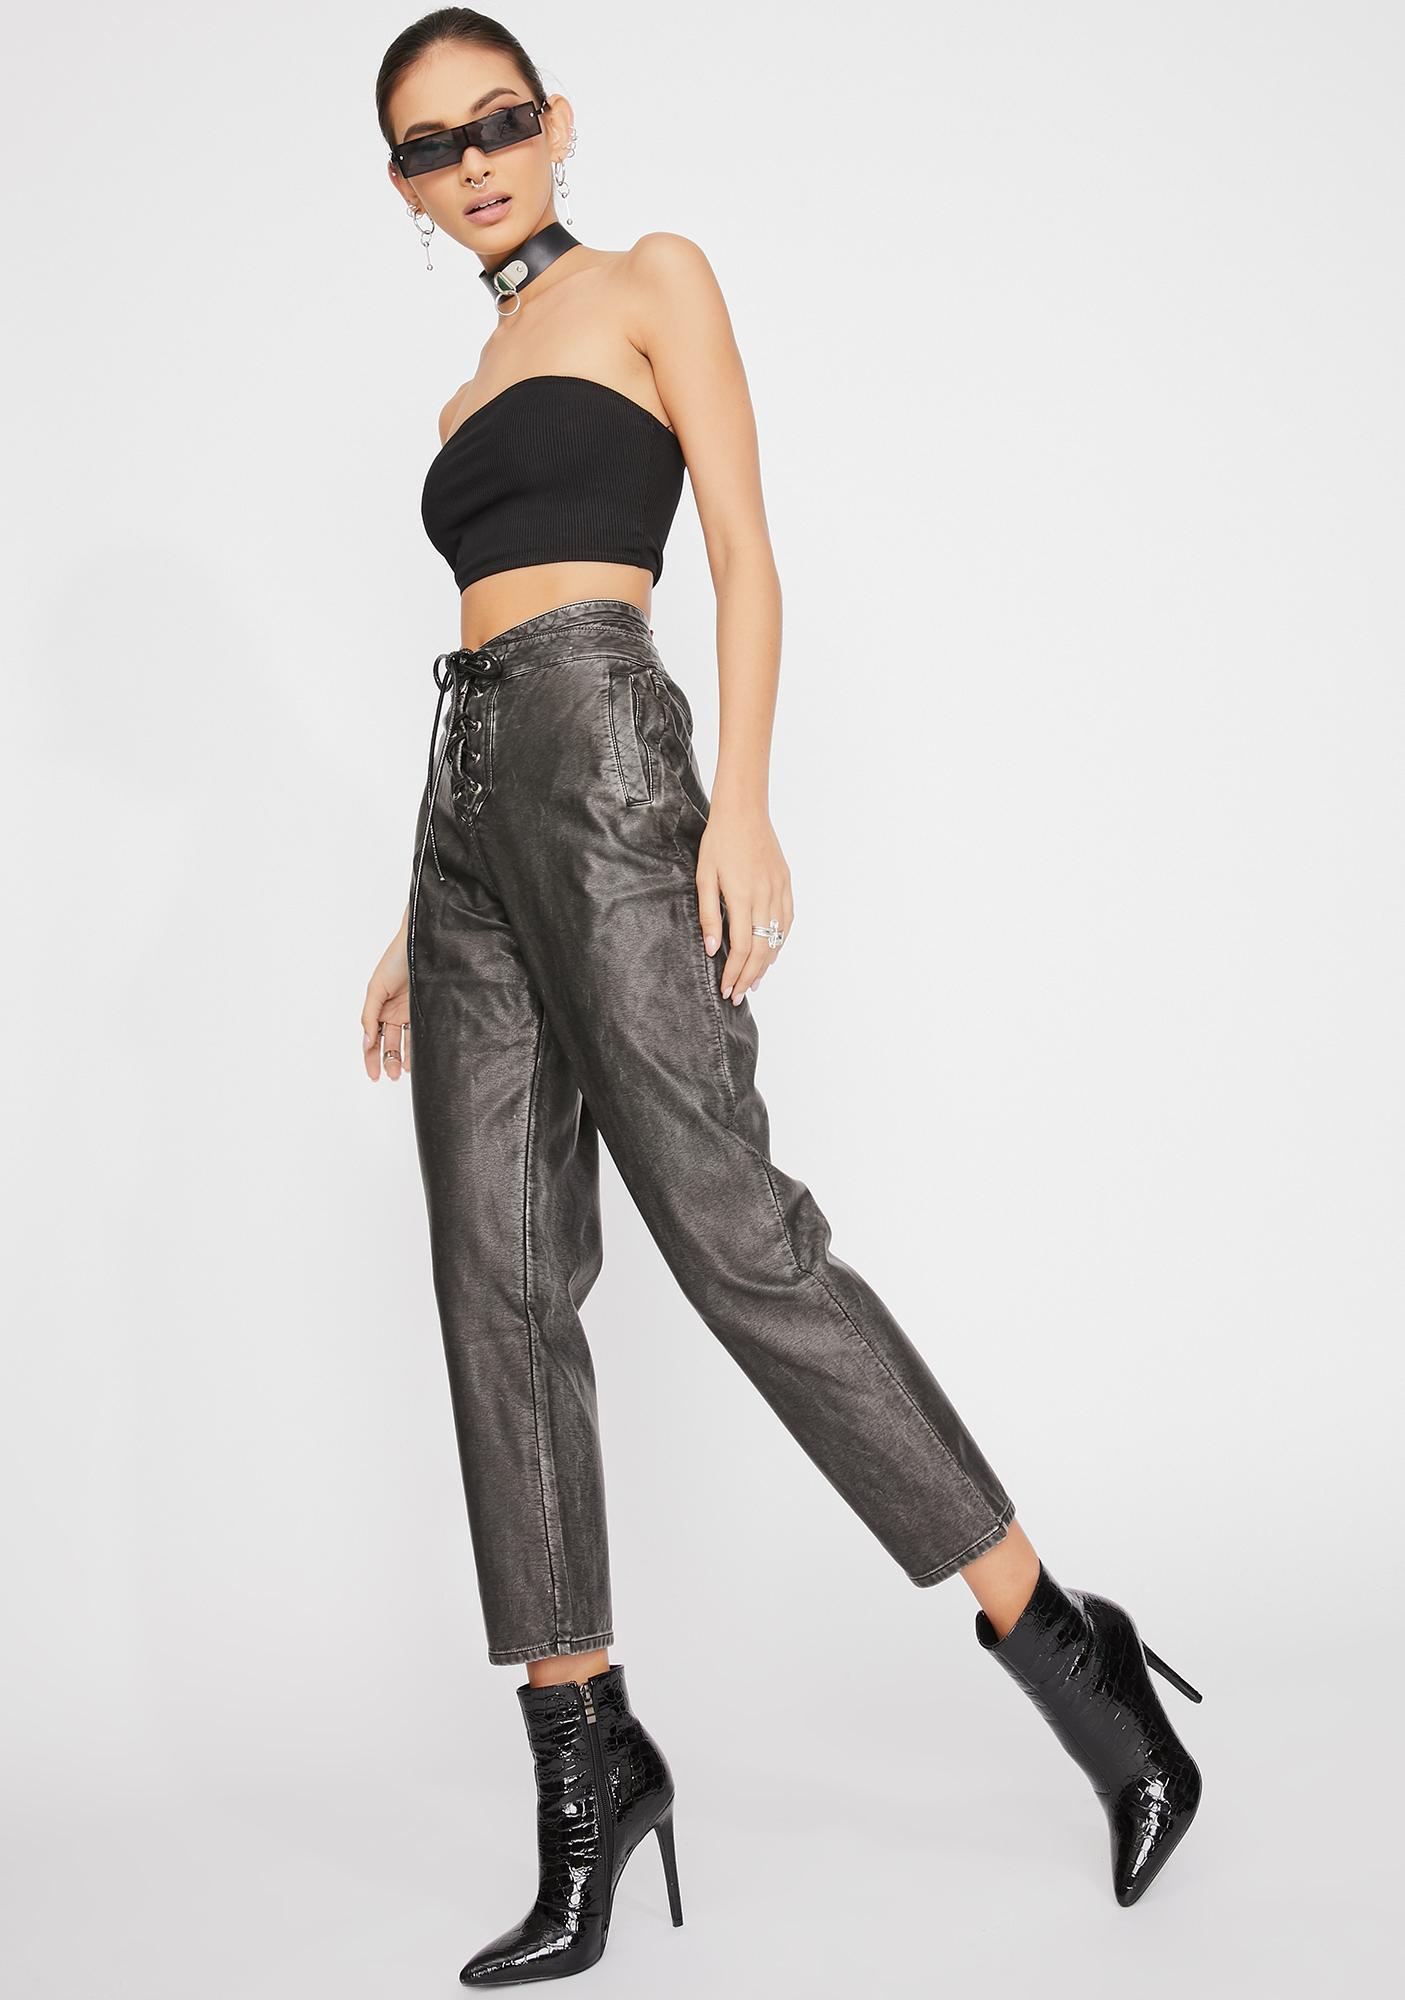 STEELE Tempest Lace-Up Pants